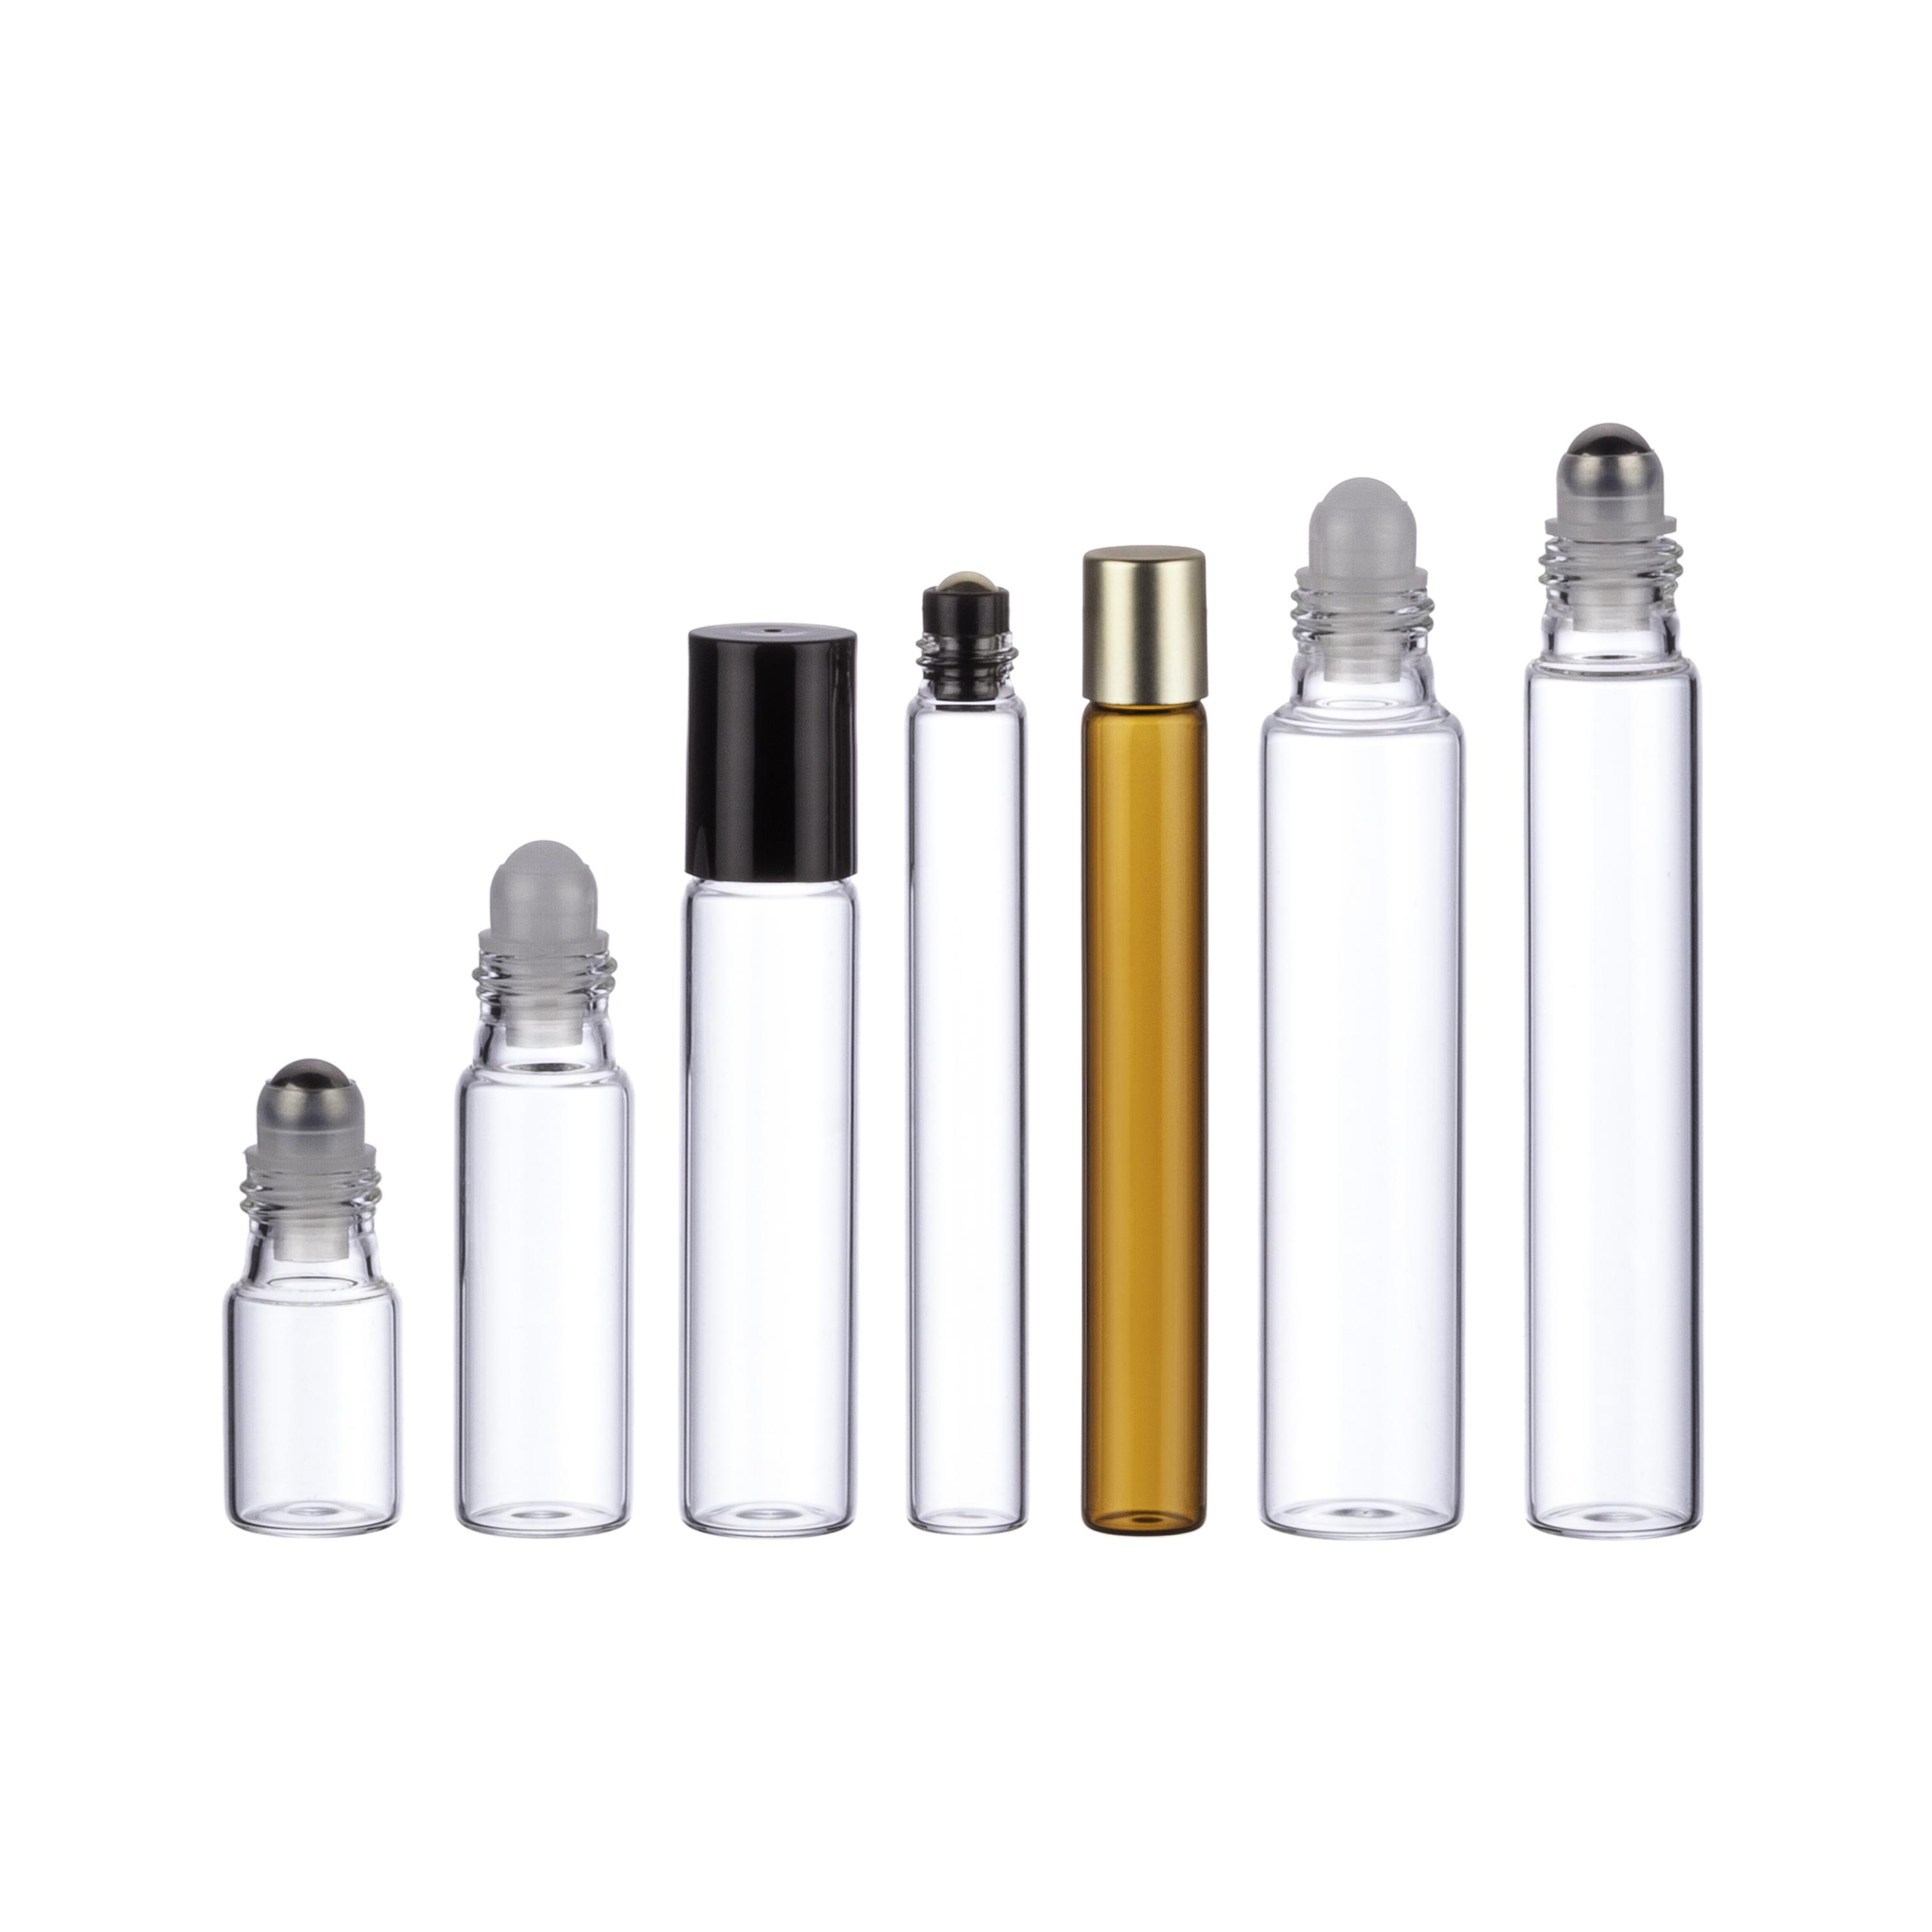 Esobea soluzioni packaging personalizzato, roll on vials